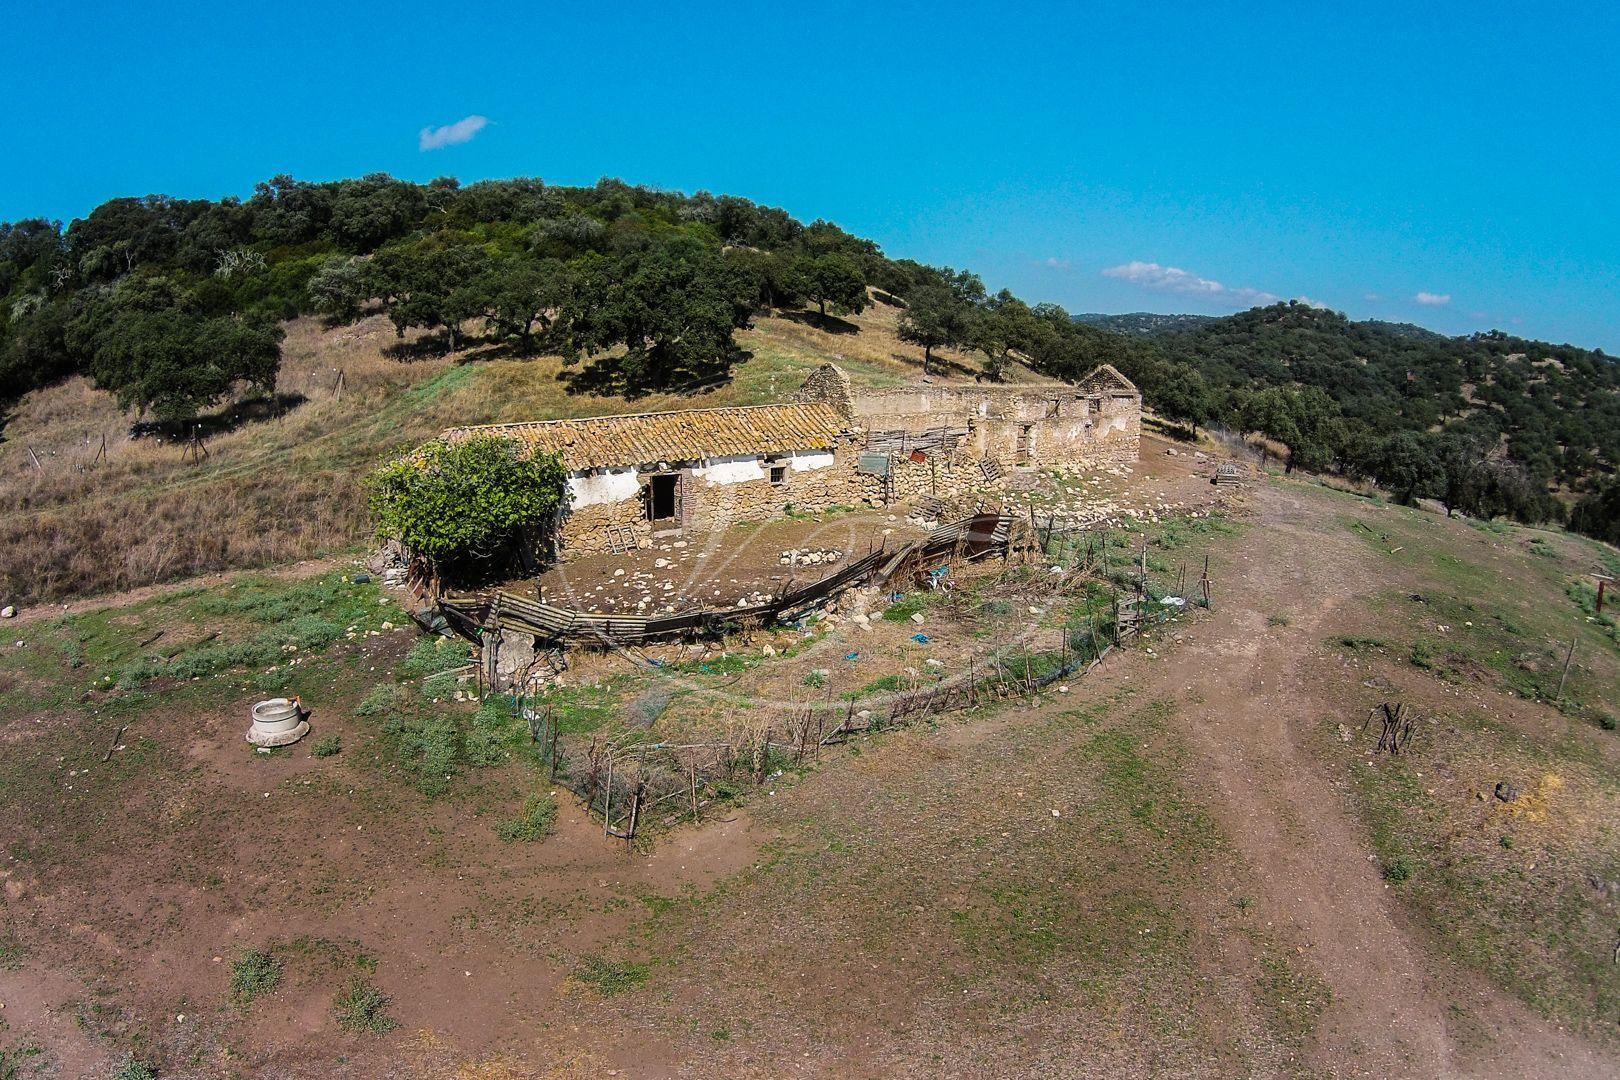 Cortijo for sale in Almodovar del Rio